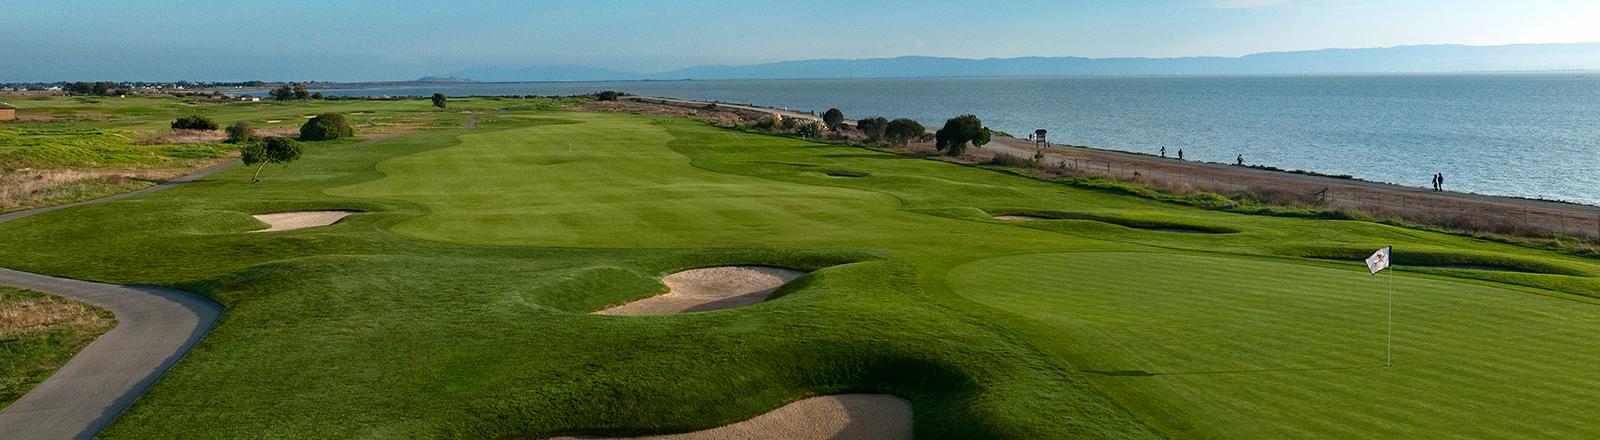 Monarch Bay Golf Club Header